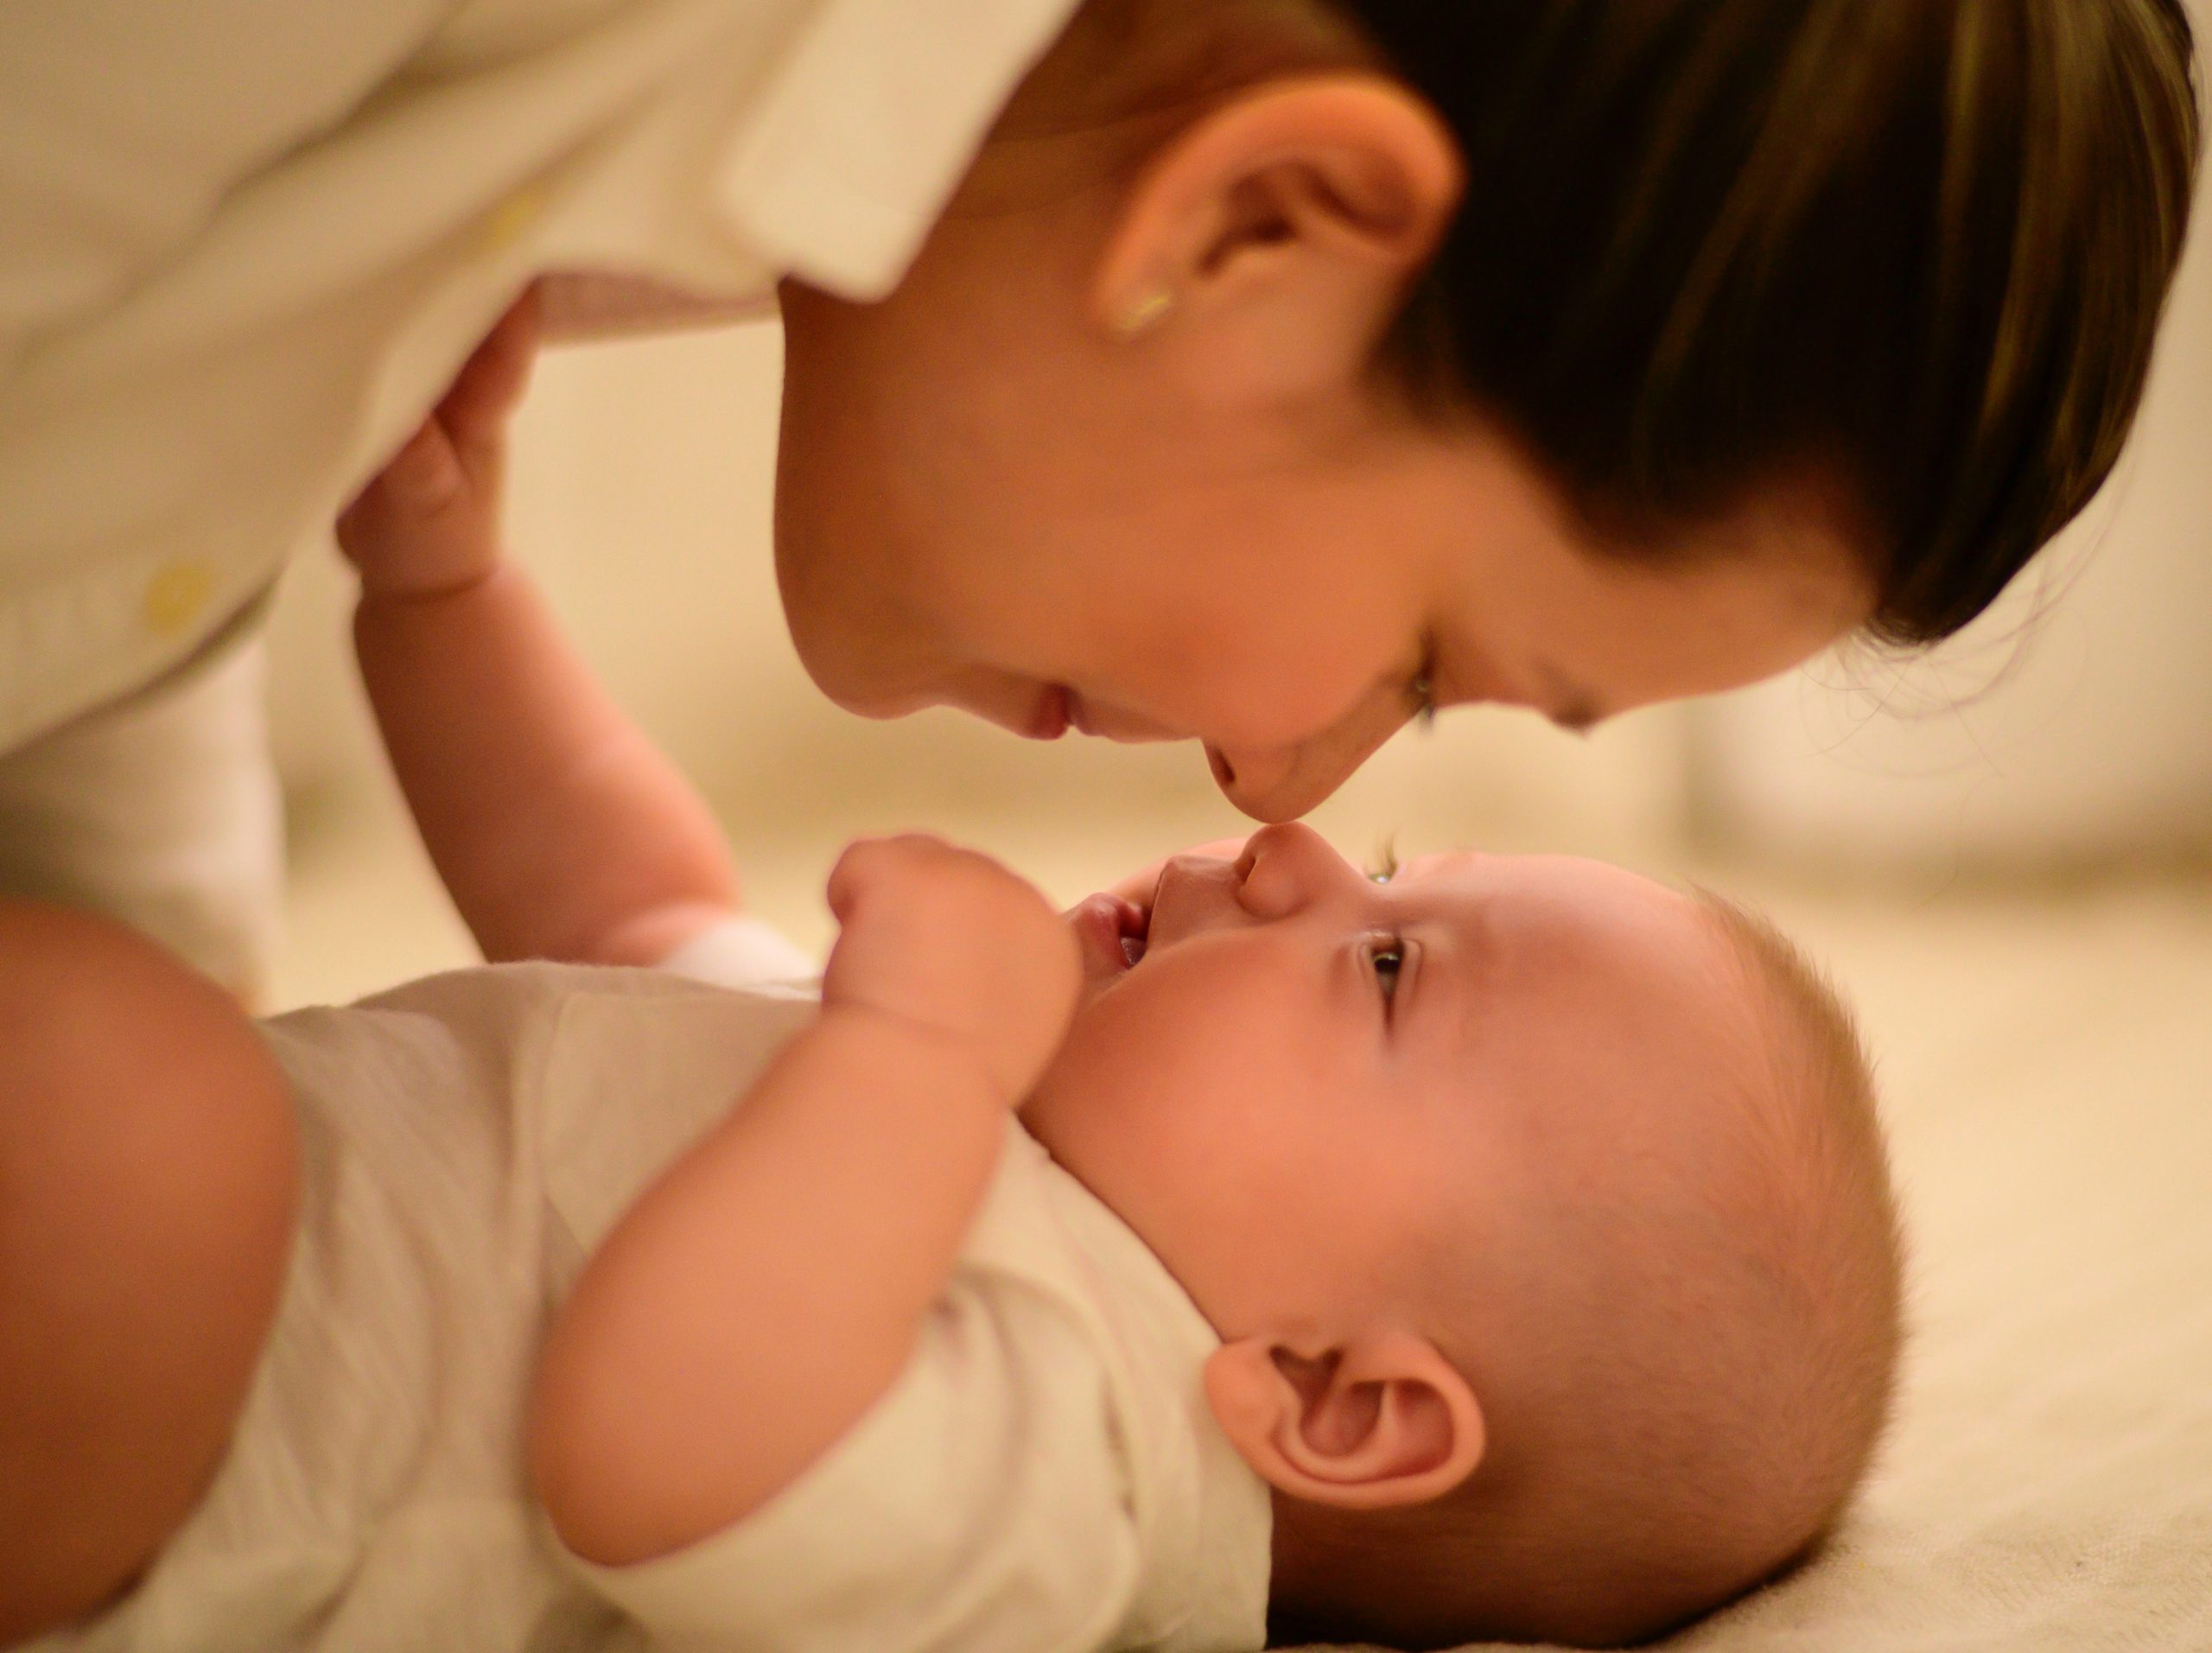 一人吃兩人補,孕婦代謝比較高可以多吃嗎?